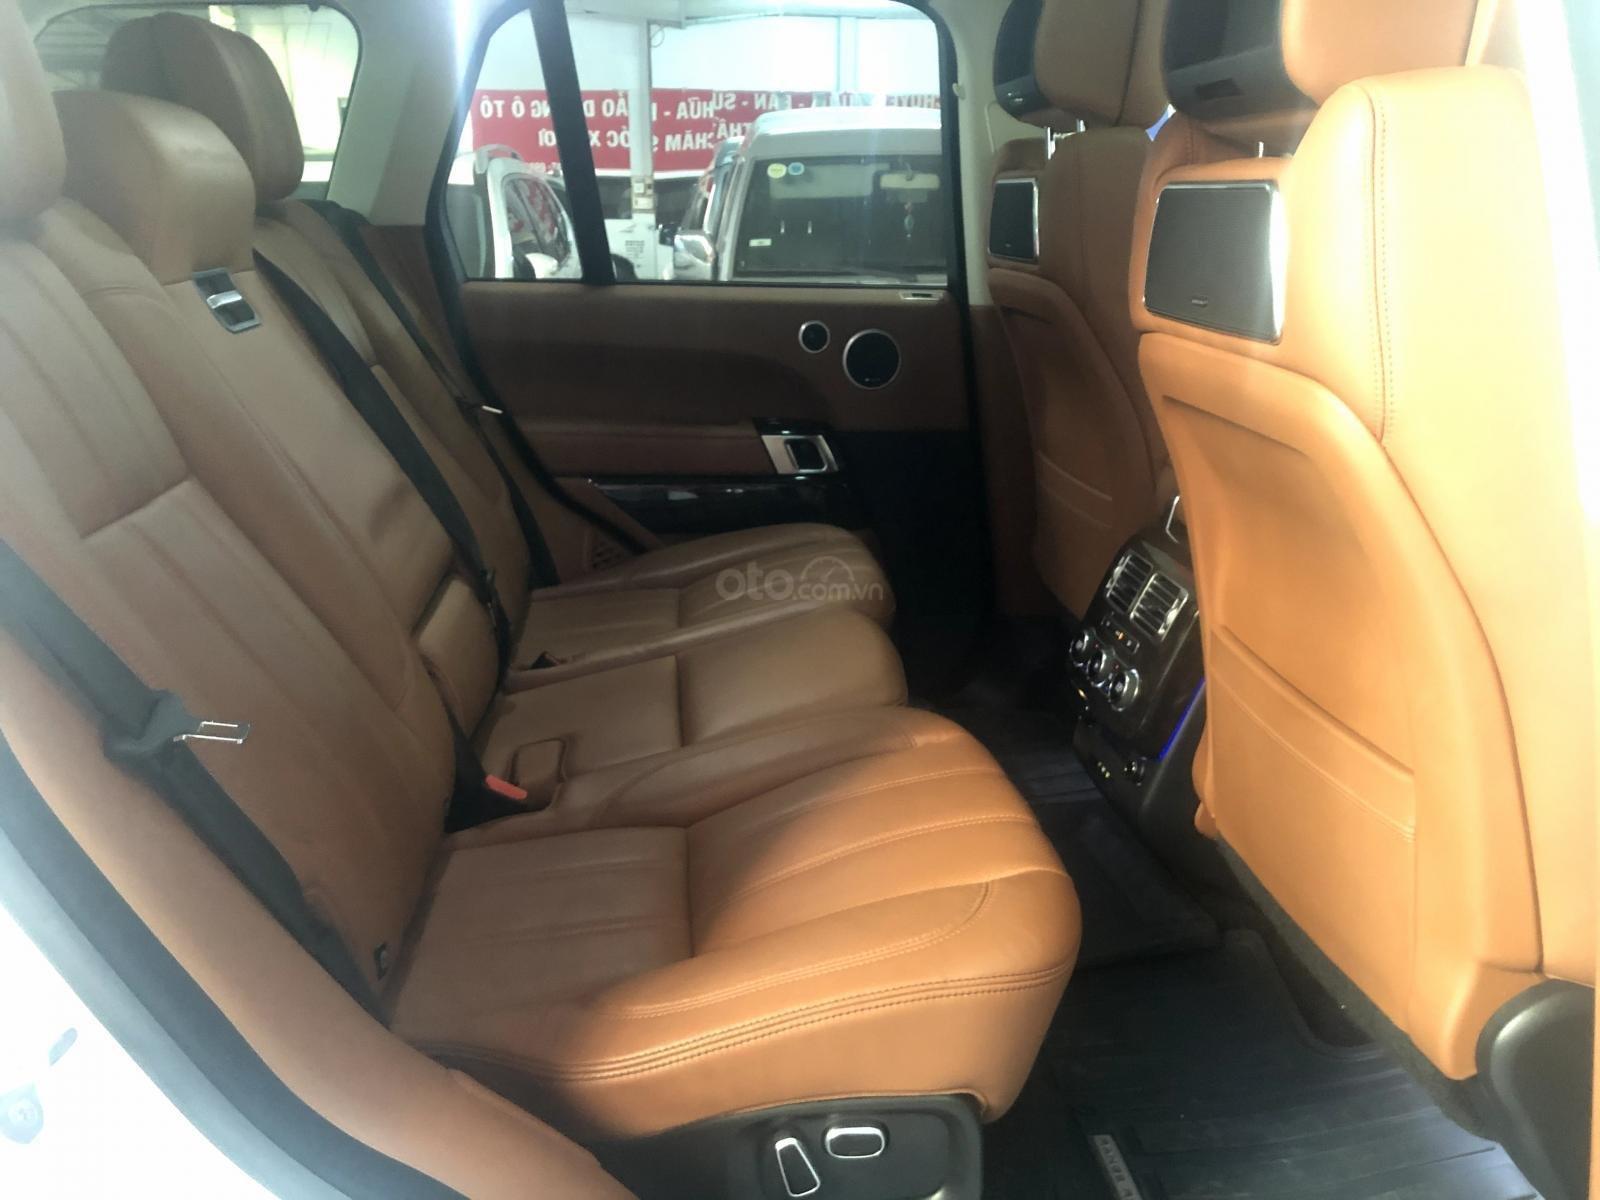 Giao ngay LandRover Range Rover 5.0L đời 2015, màu trắng da bò, uy tín giá tốt (14)